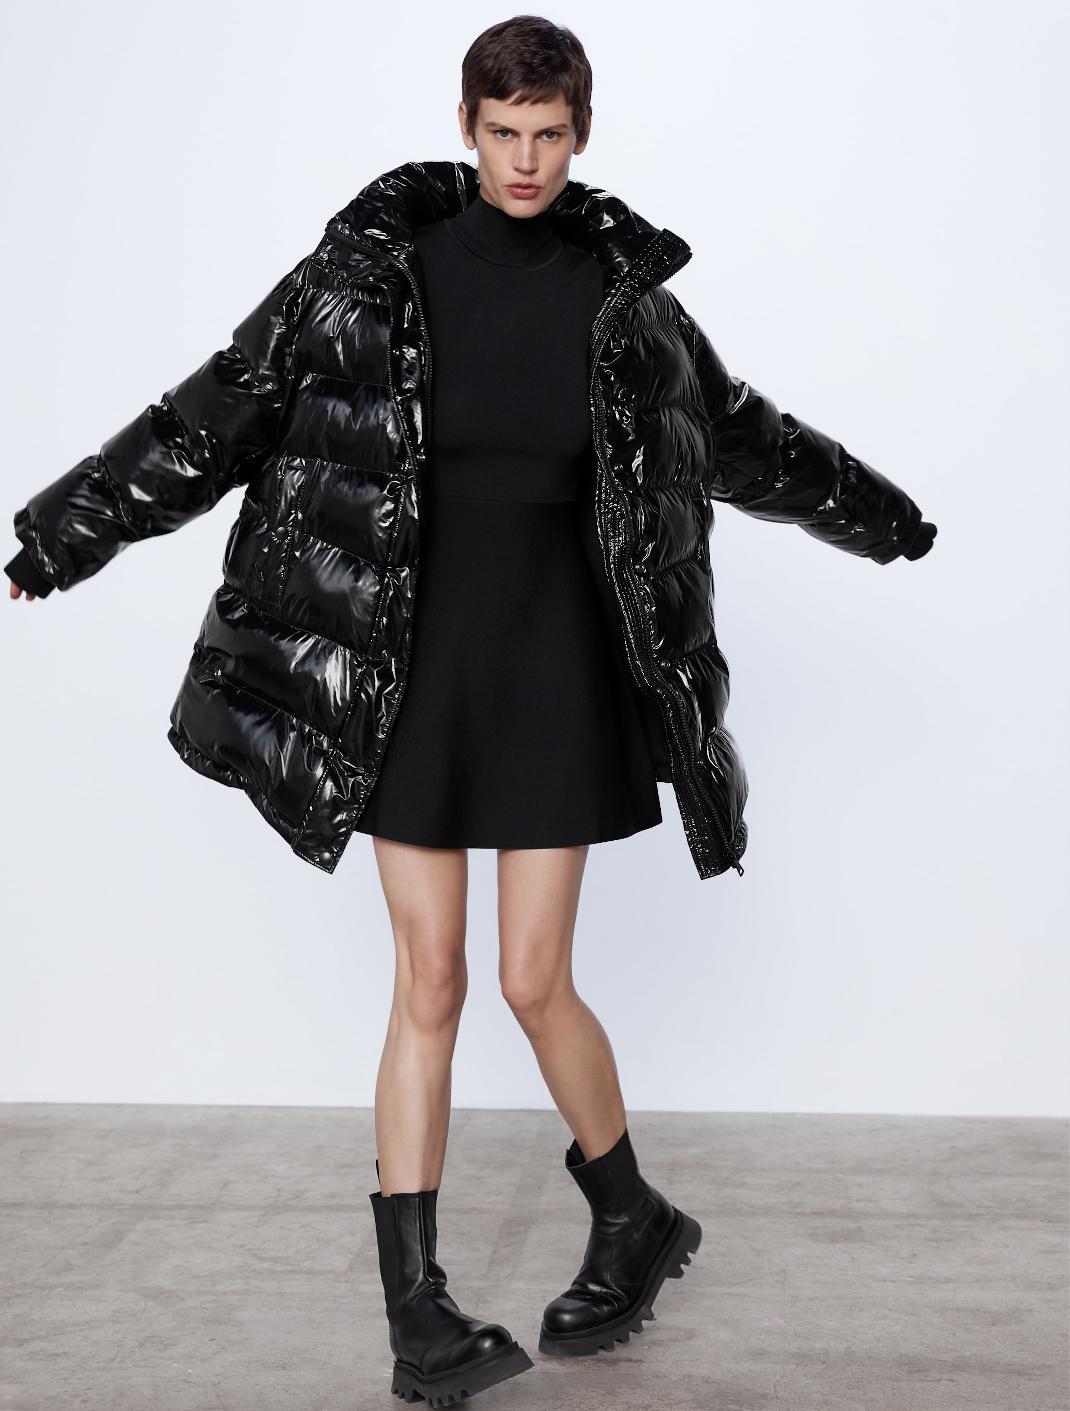 γυναίκα με puffer jacket